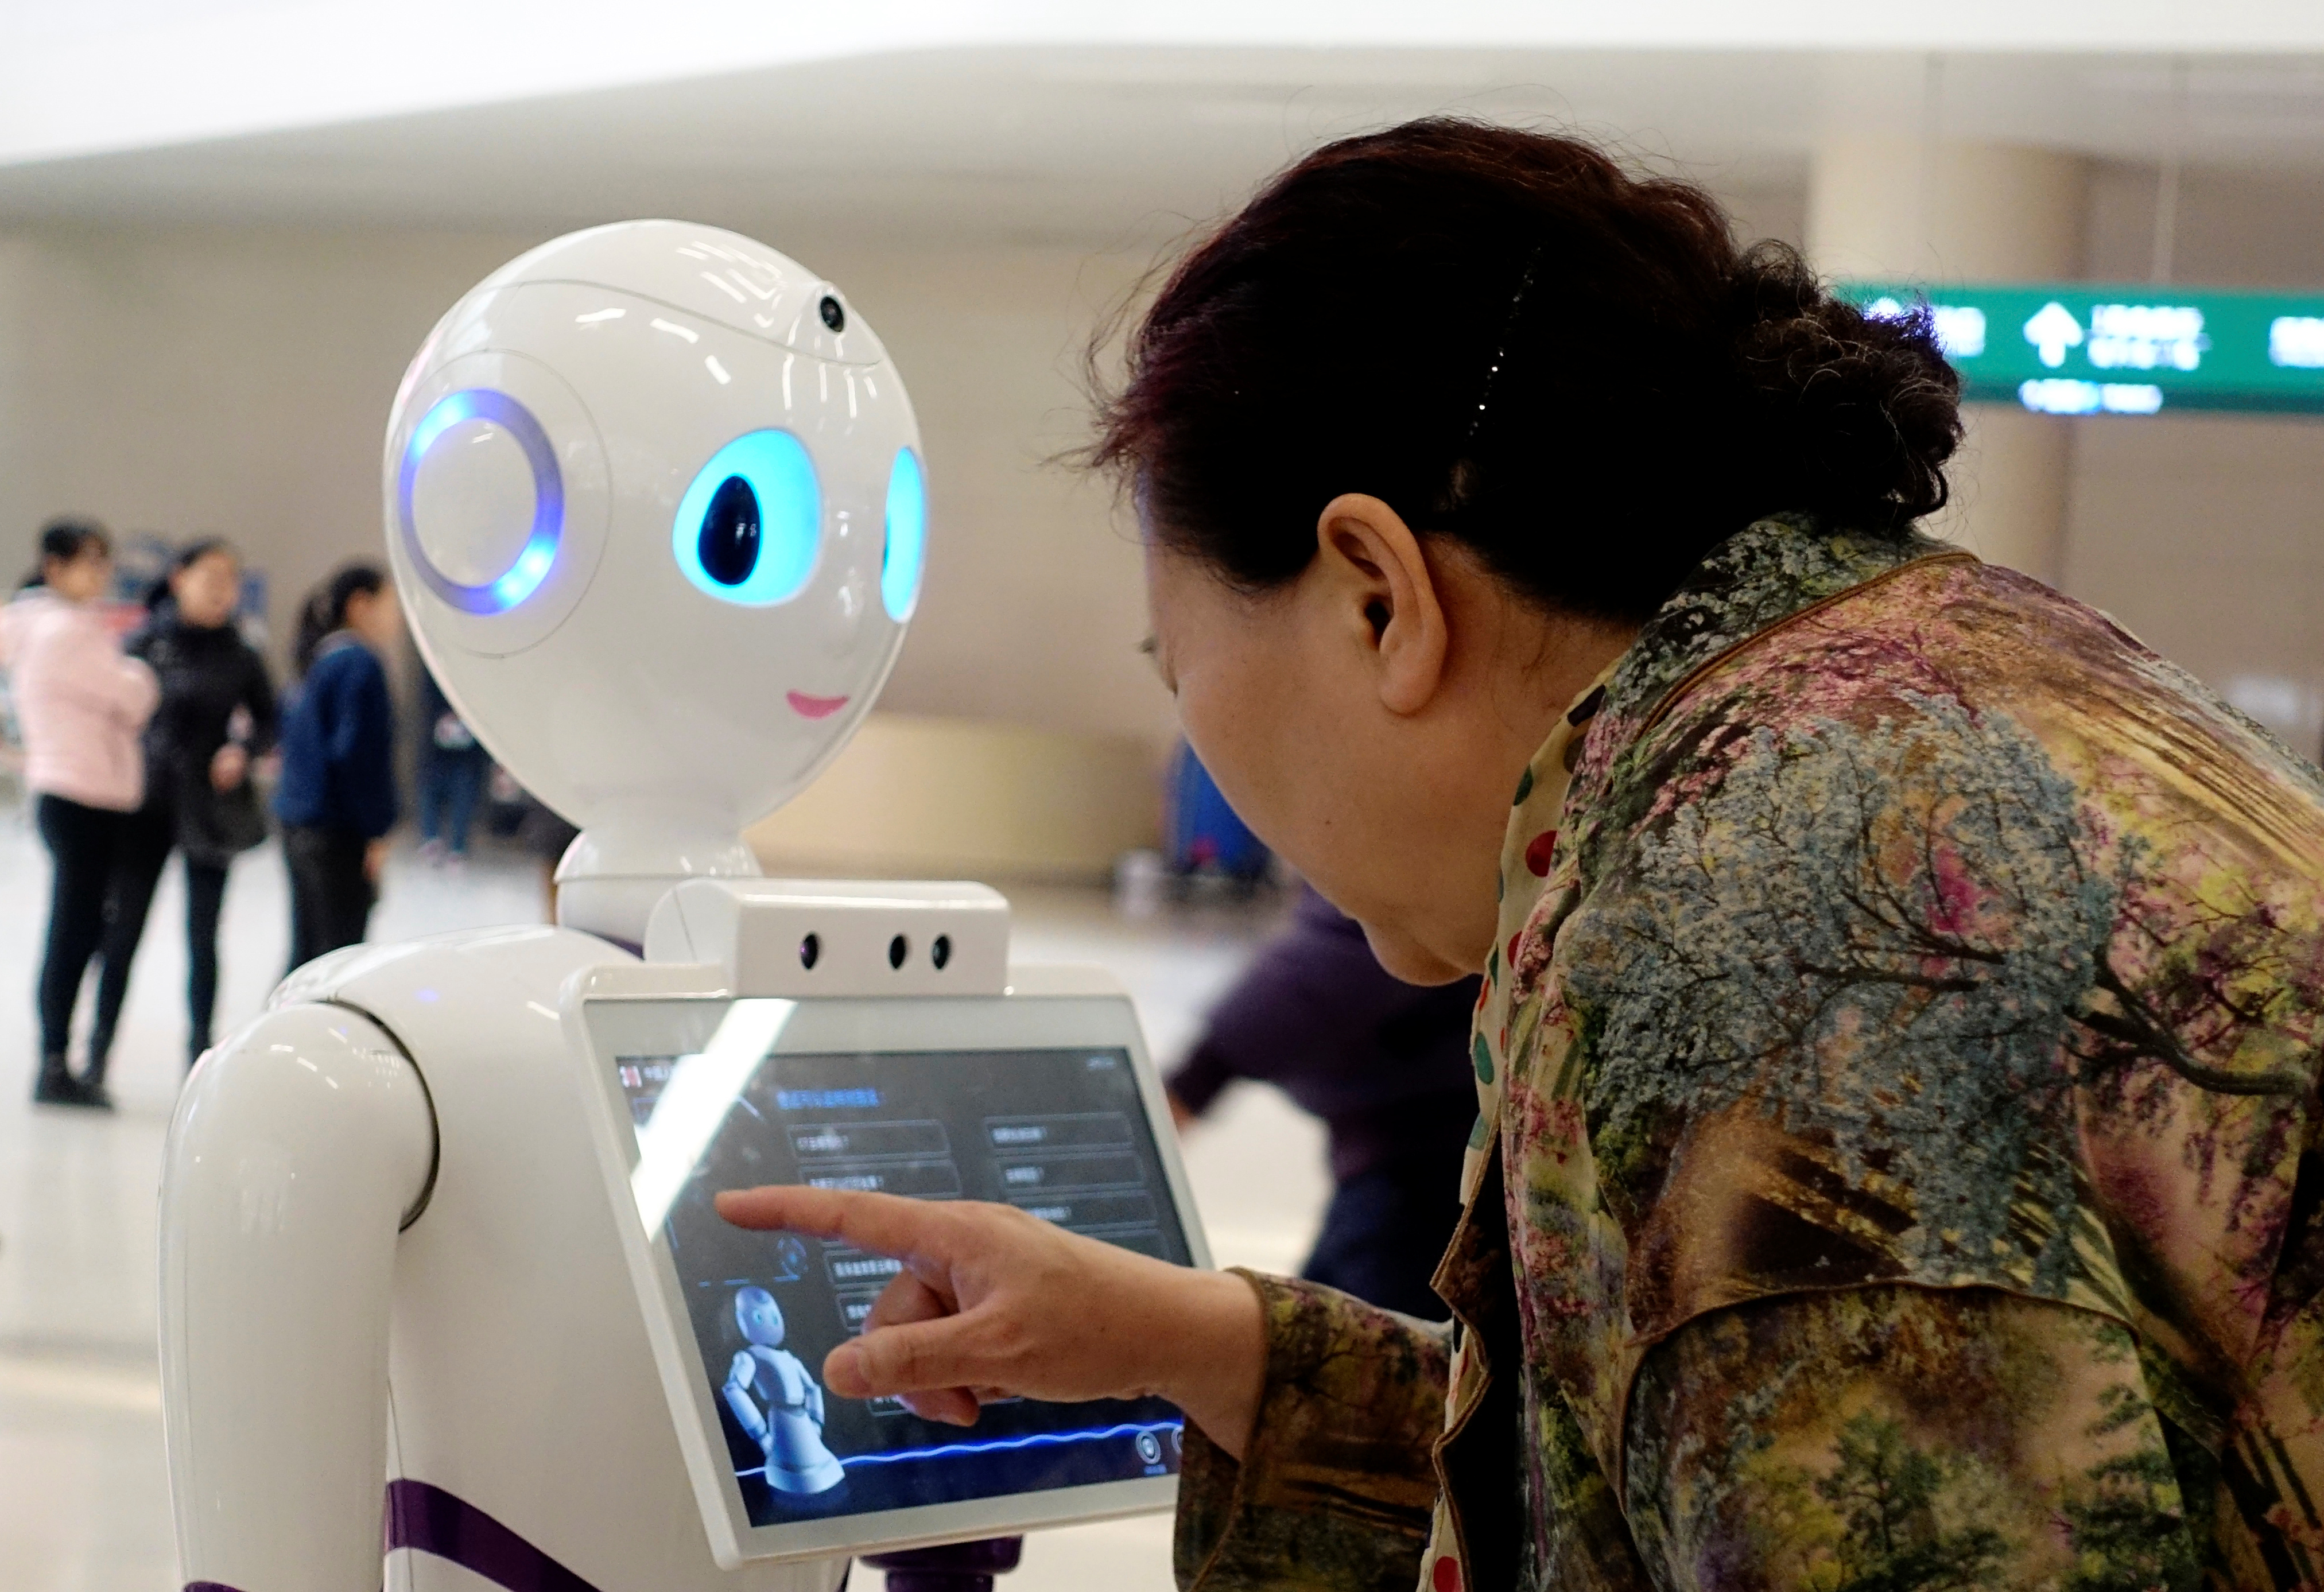 Inteligencia emocional, la otra inteligencia que se requiere ante más automatización